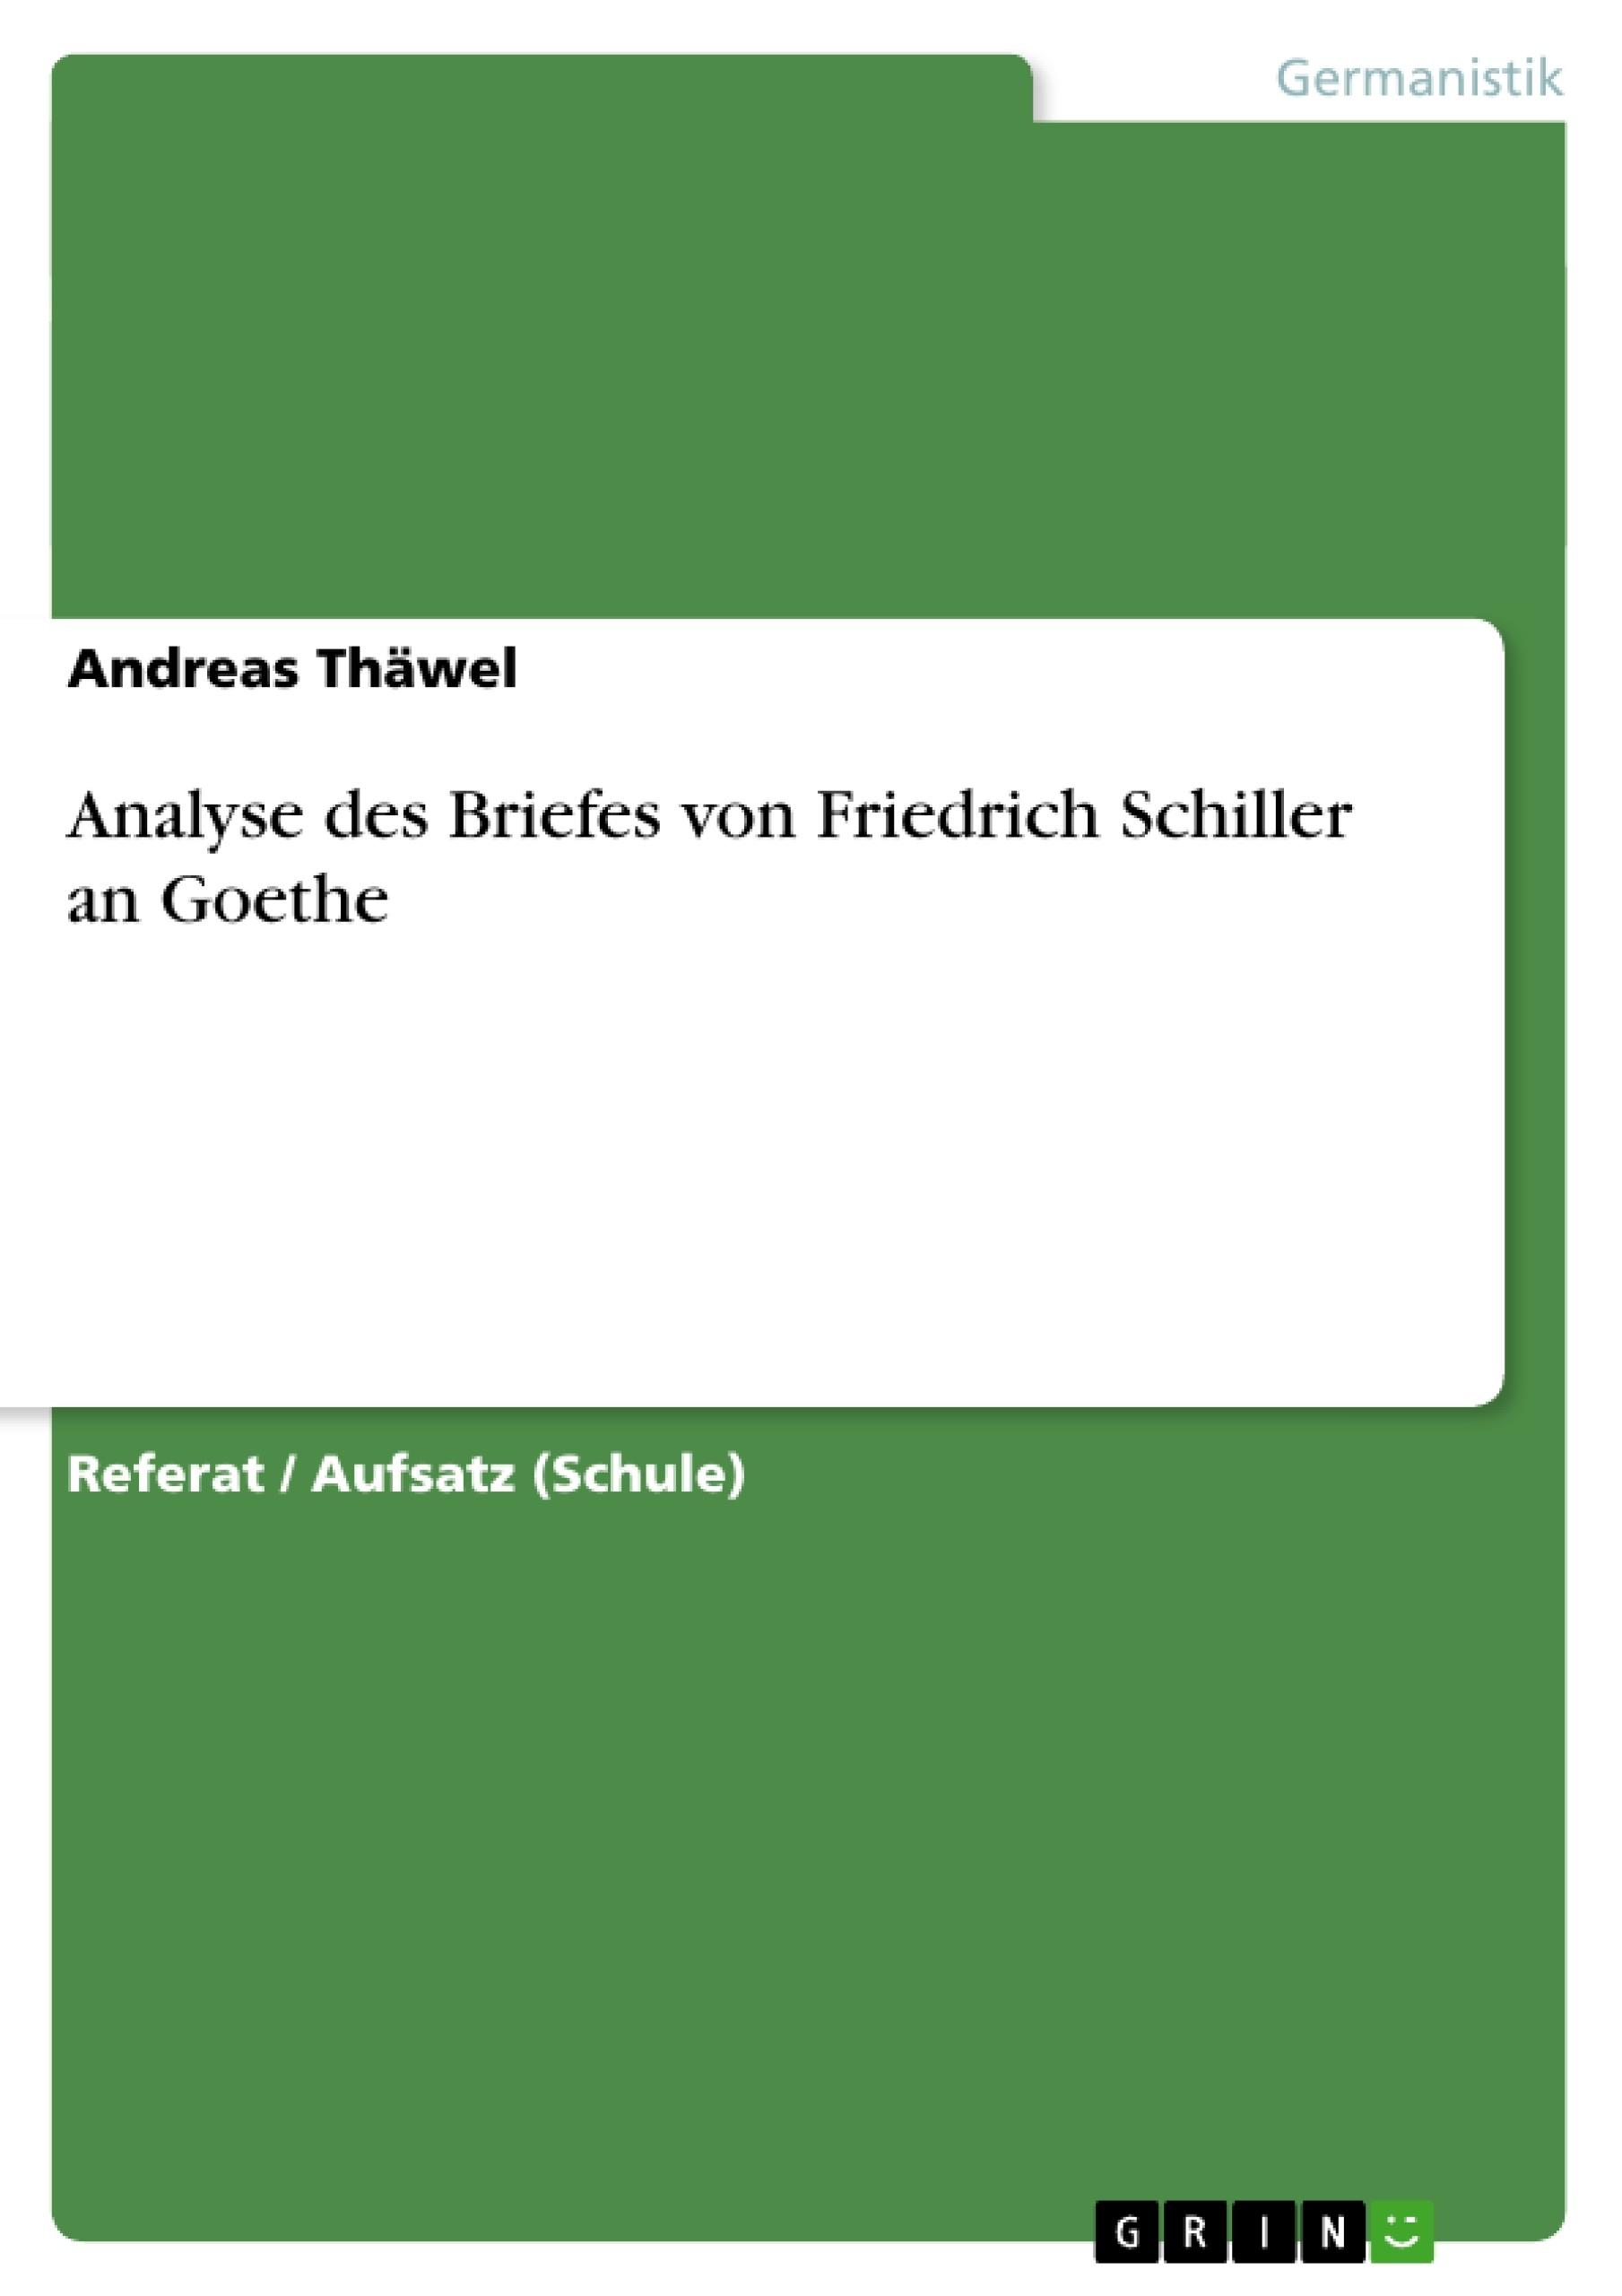 Titel: Analyse des Briefes von Friedrich Schiller an Goethe